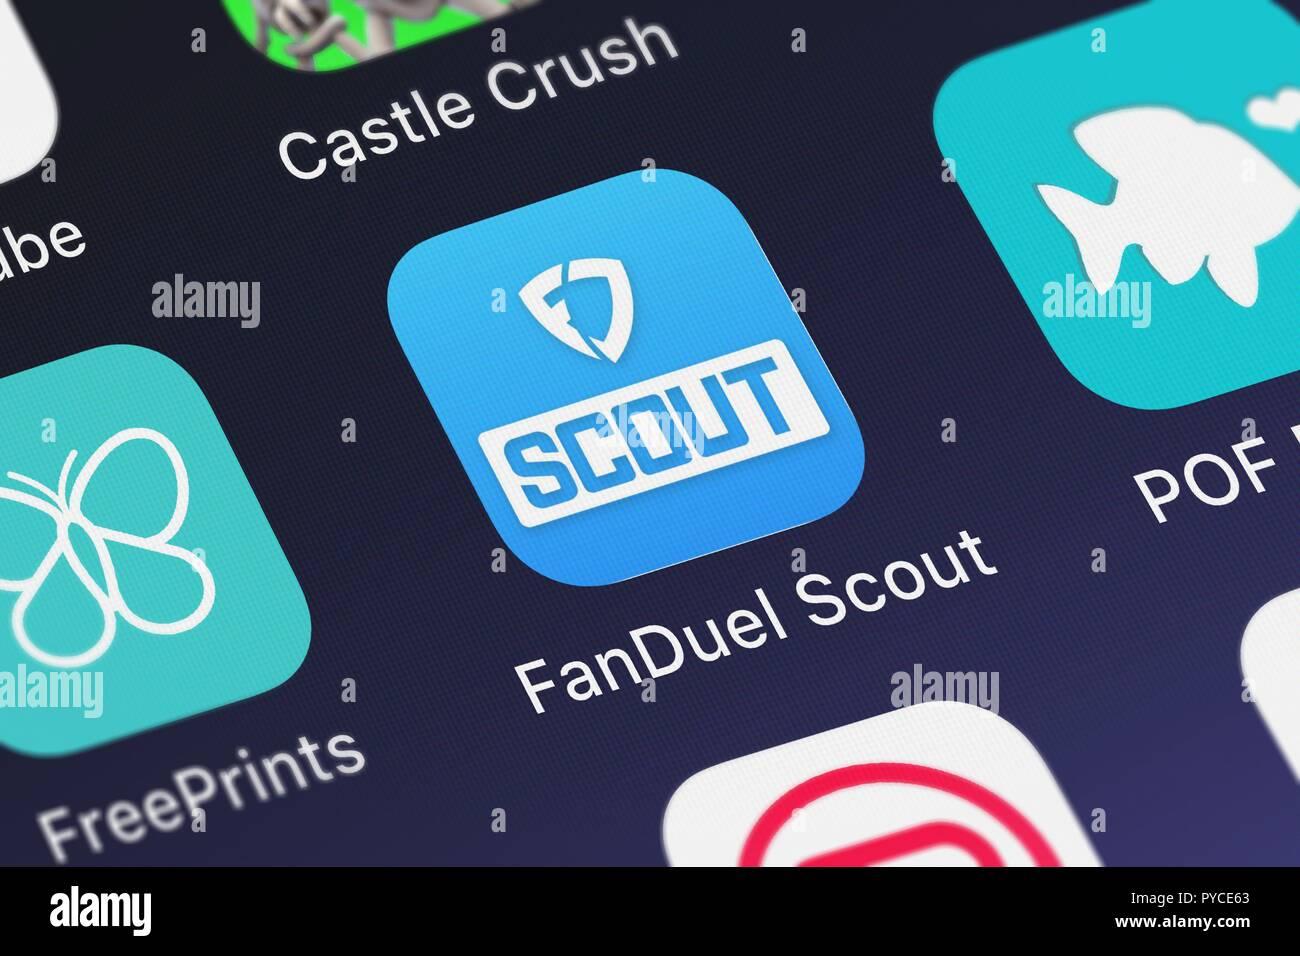 Londres, Royaume-Uni - Octobre 26, 2018: Le FanDuel FanDuel à partir de l'application mobile de Scout, Inc. sur un écran d'iPhone. Banque D'Images